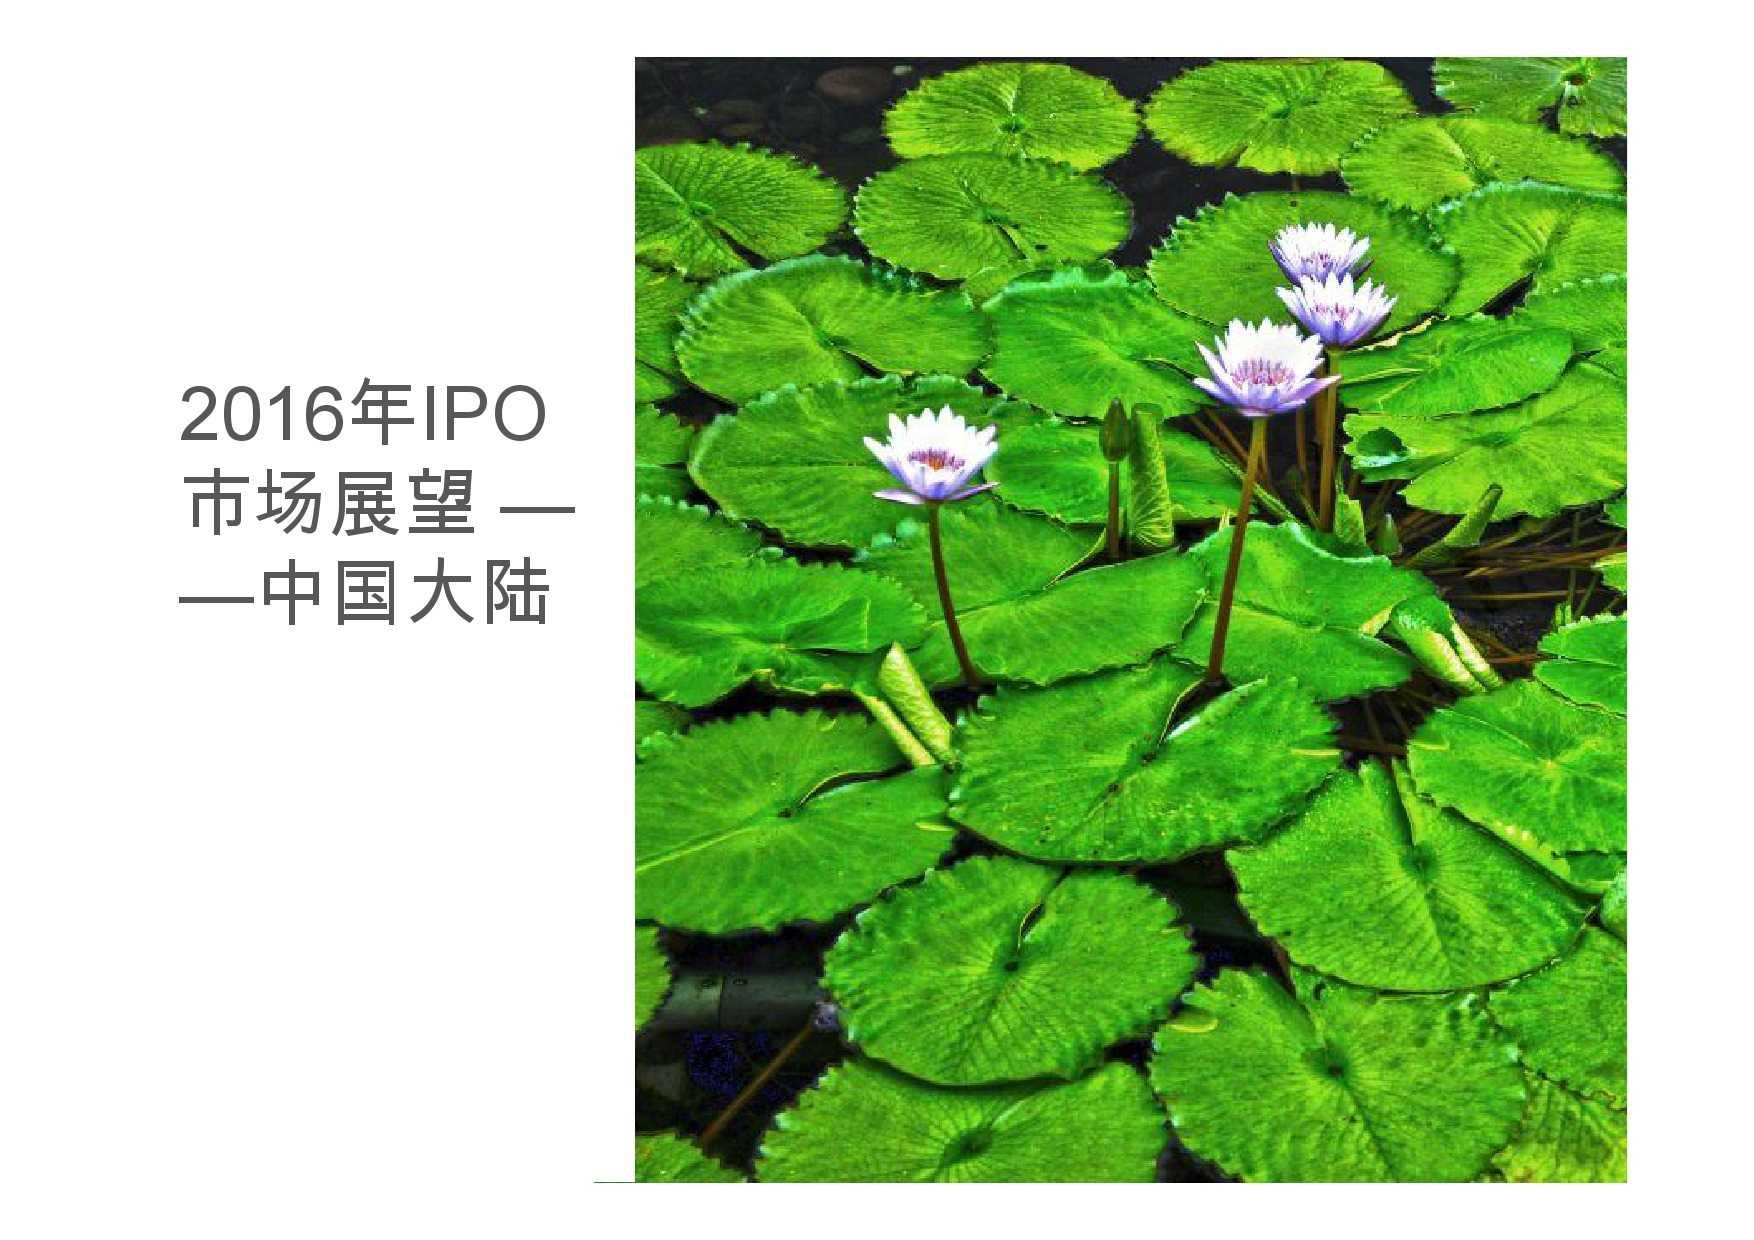 德勤:香港及中国大陆IPO巿场2015年回顾与2016年展望_000037